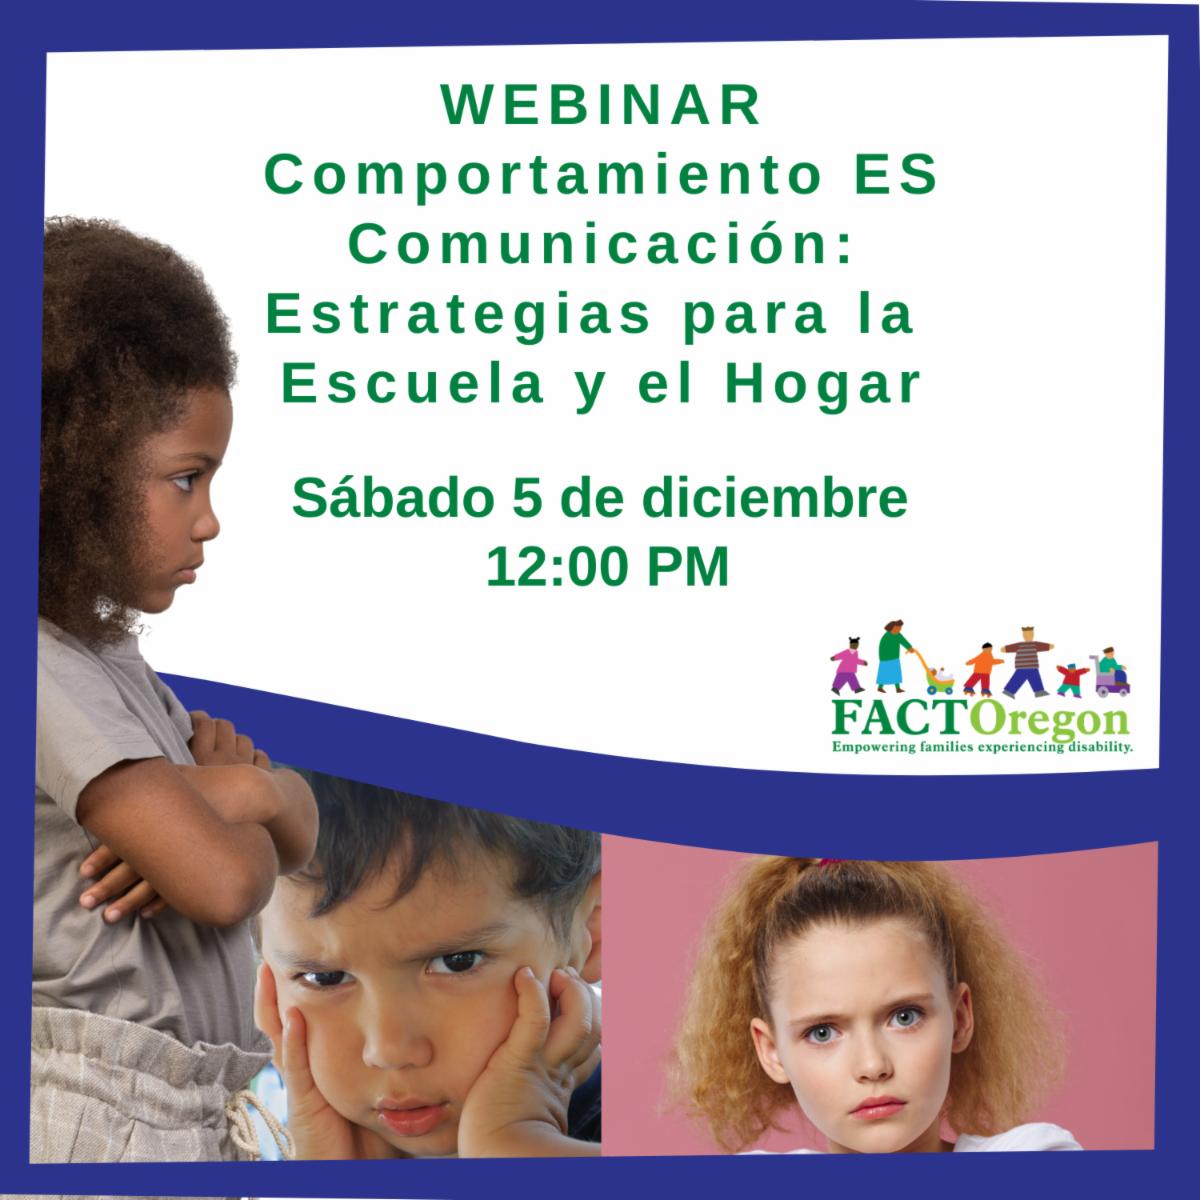 WEBINAR Comportamiento ES Comunicación: Estrategias para la Escuela y el Hogar. Sábado 5 de diciembre 12:00 PM